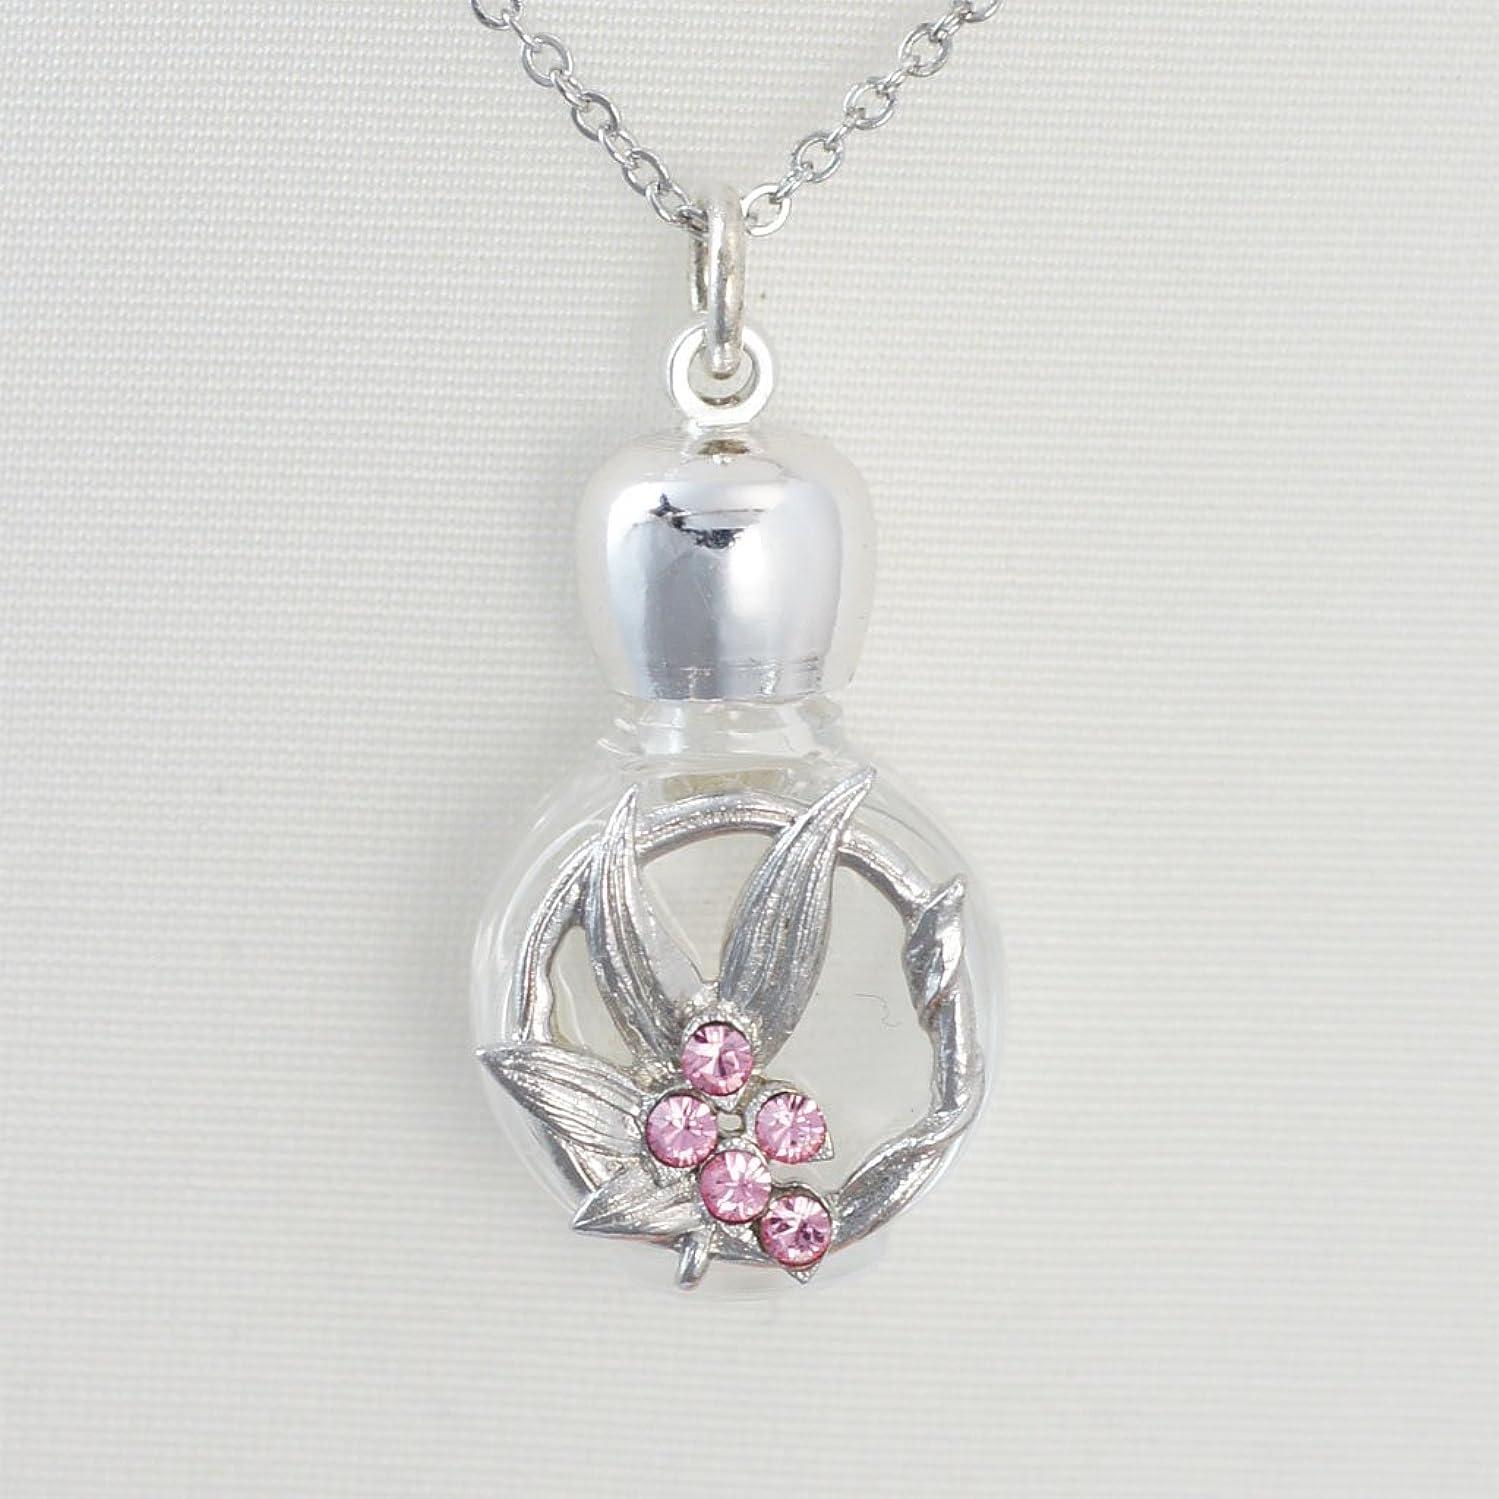 月ズーム上昇【天使の小瓶】 月桃ピンク